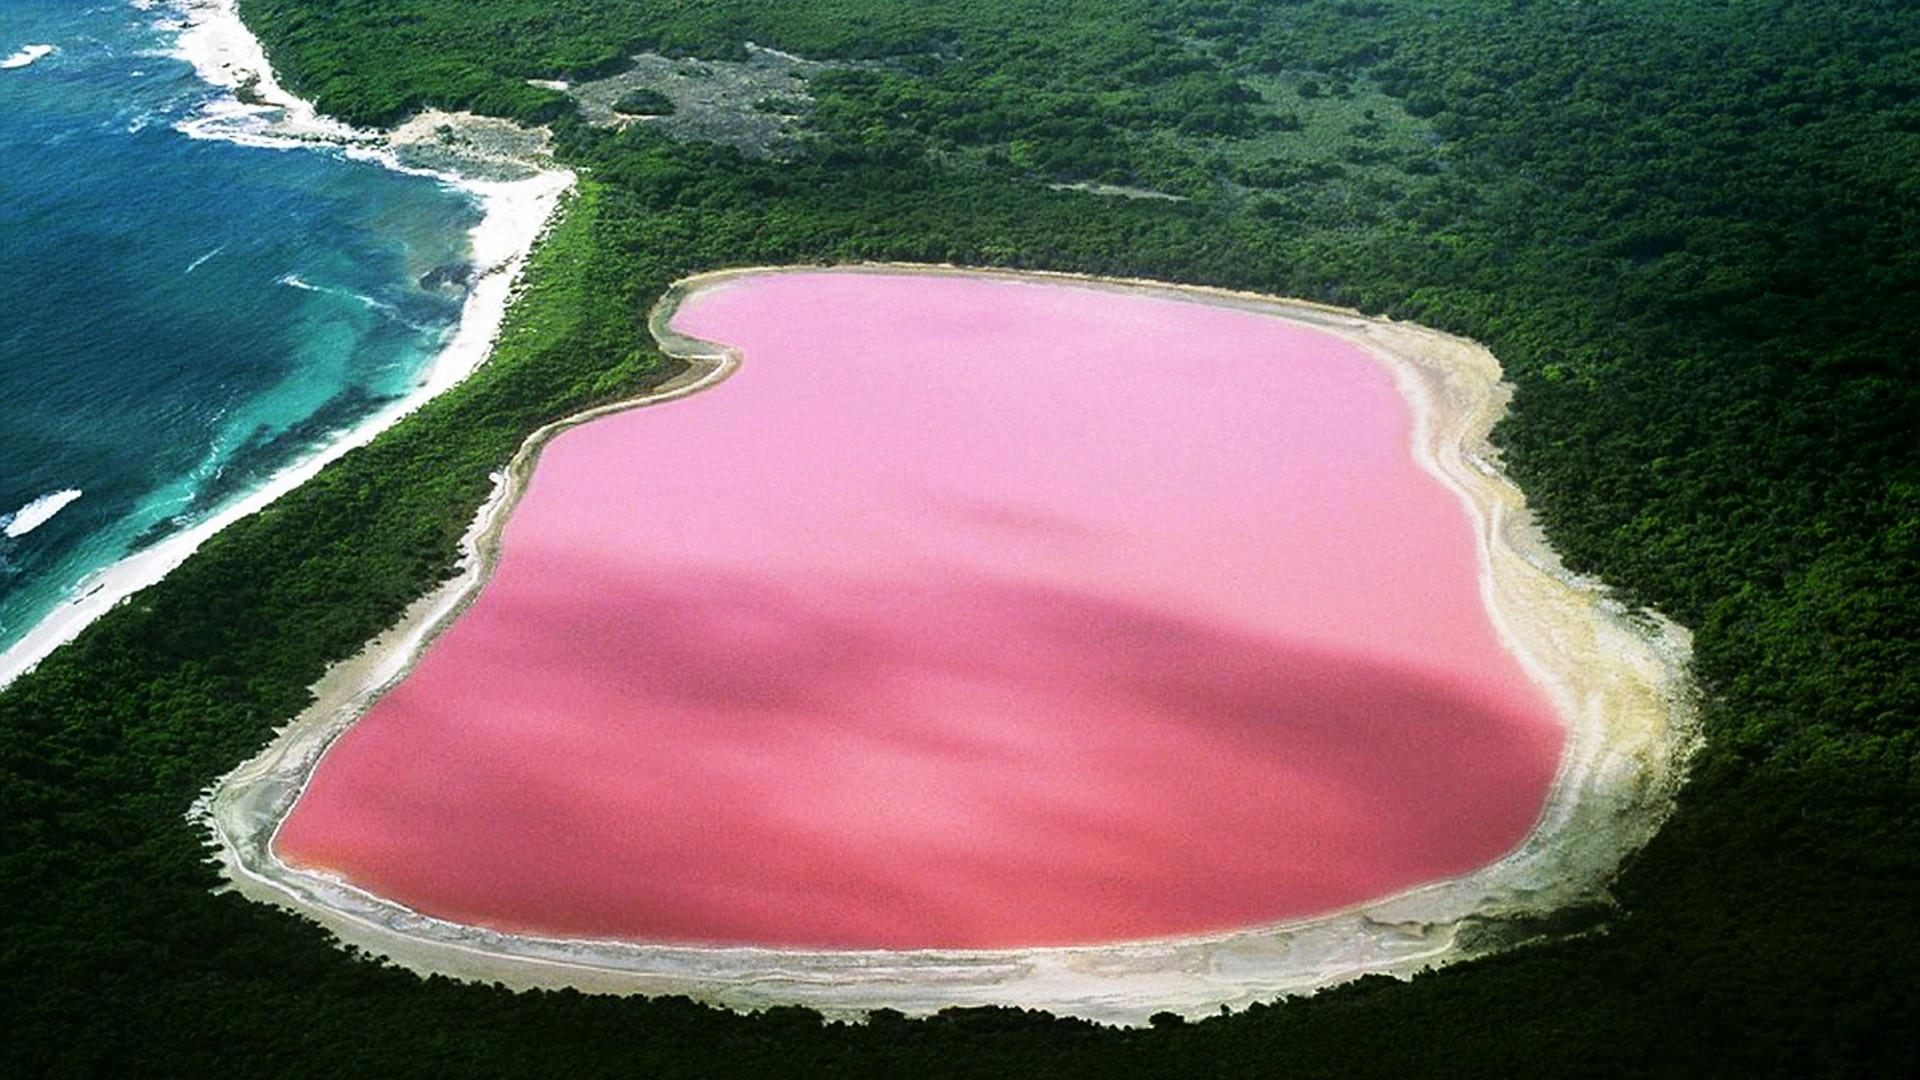 مکانهای عجیب و دیدنی دنیا: دریاچه صورتی رنگ در 10 نقطه از زمین